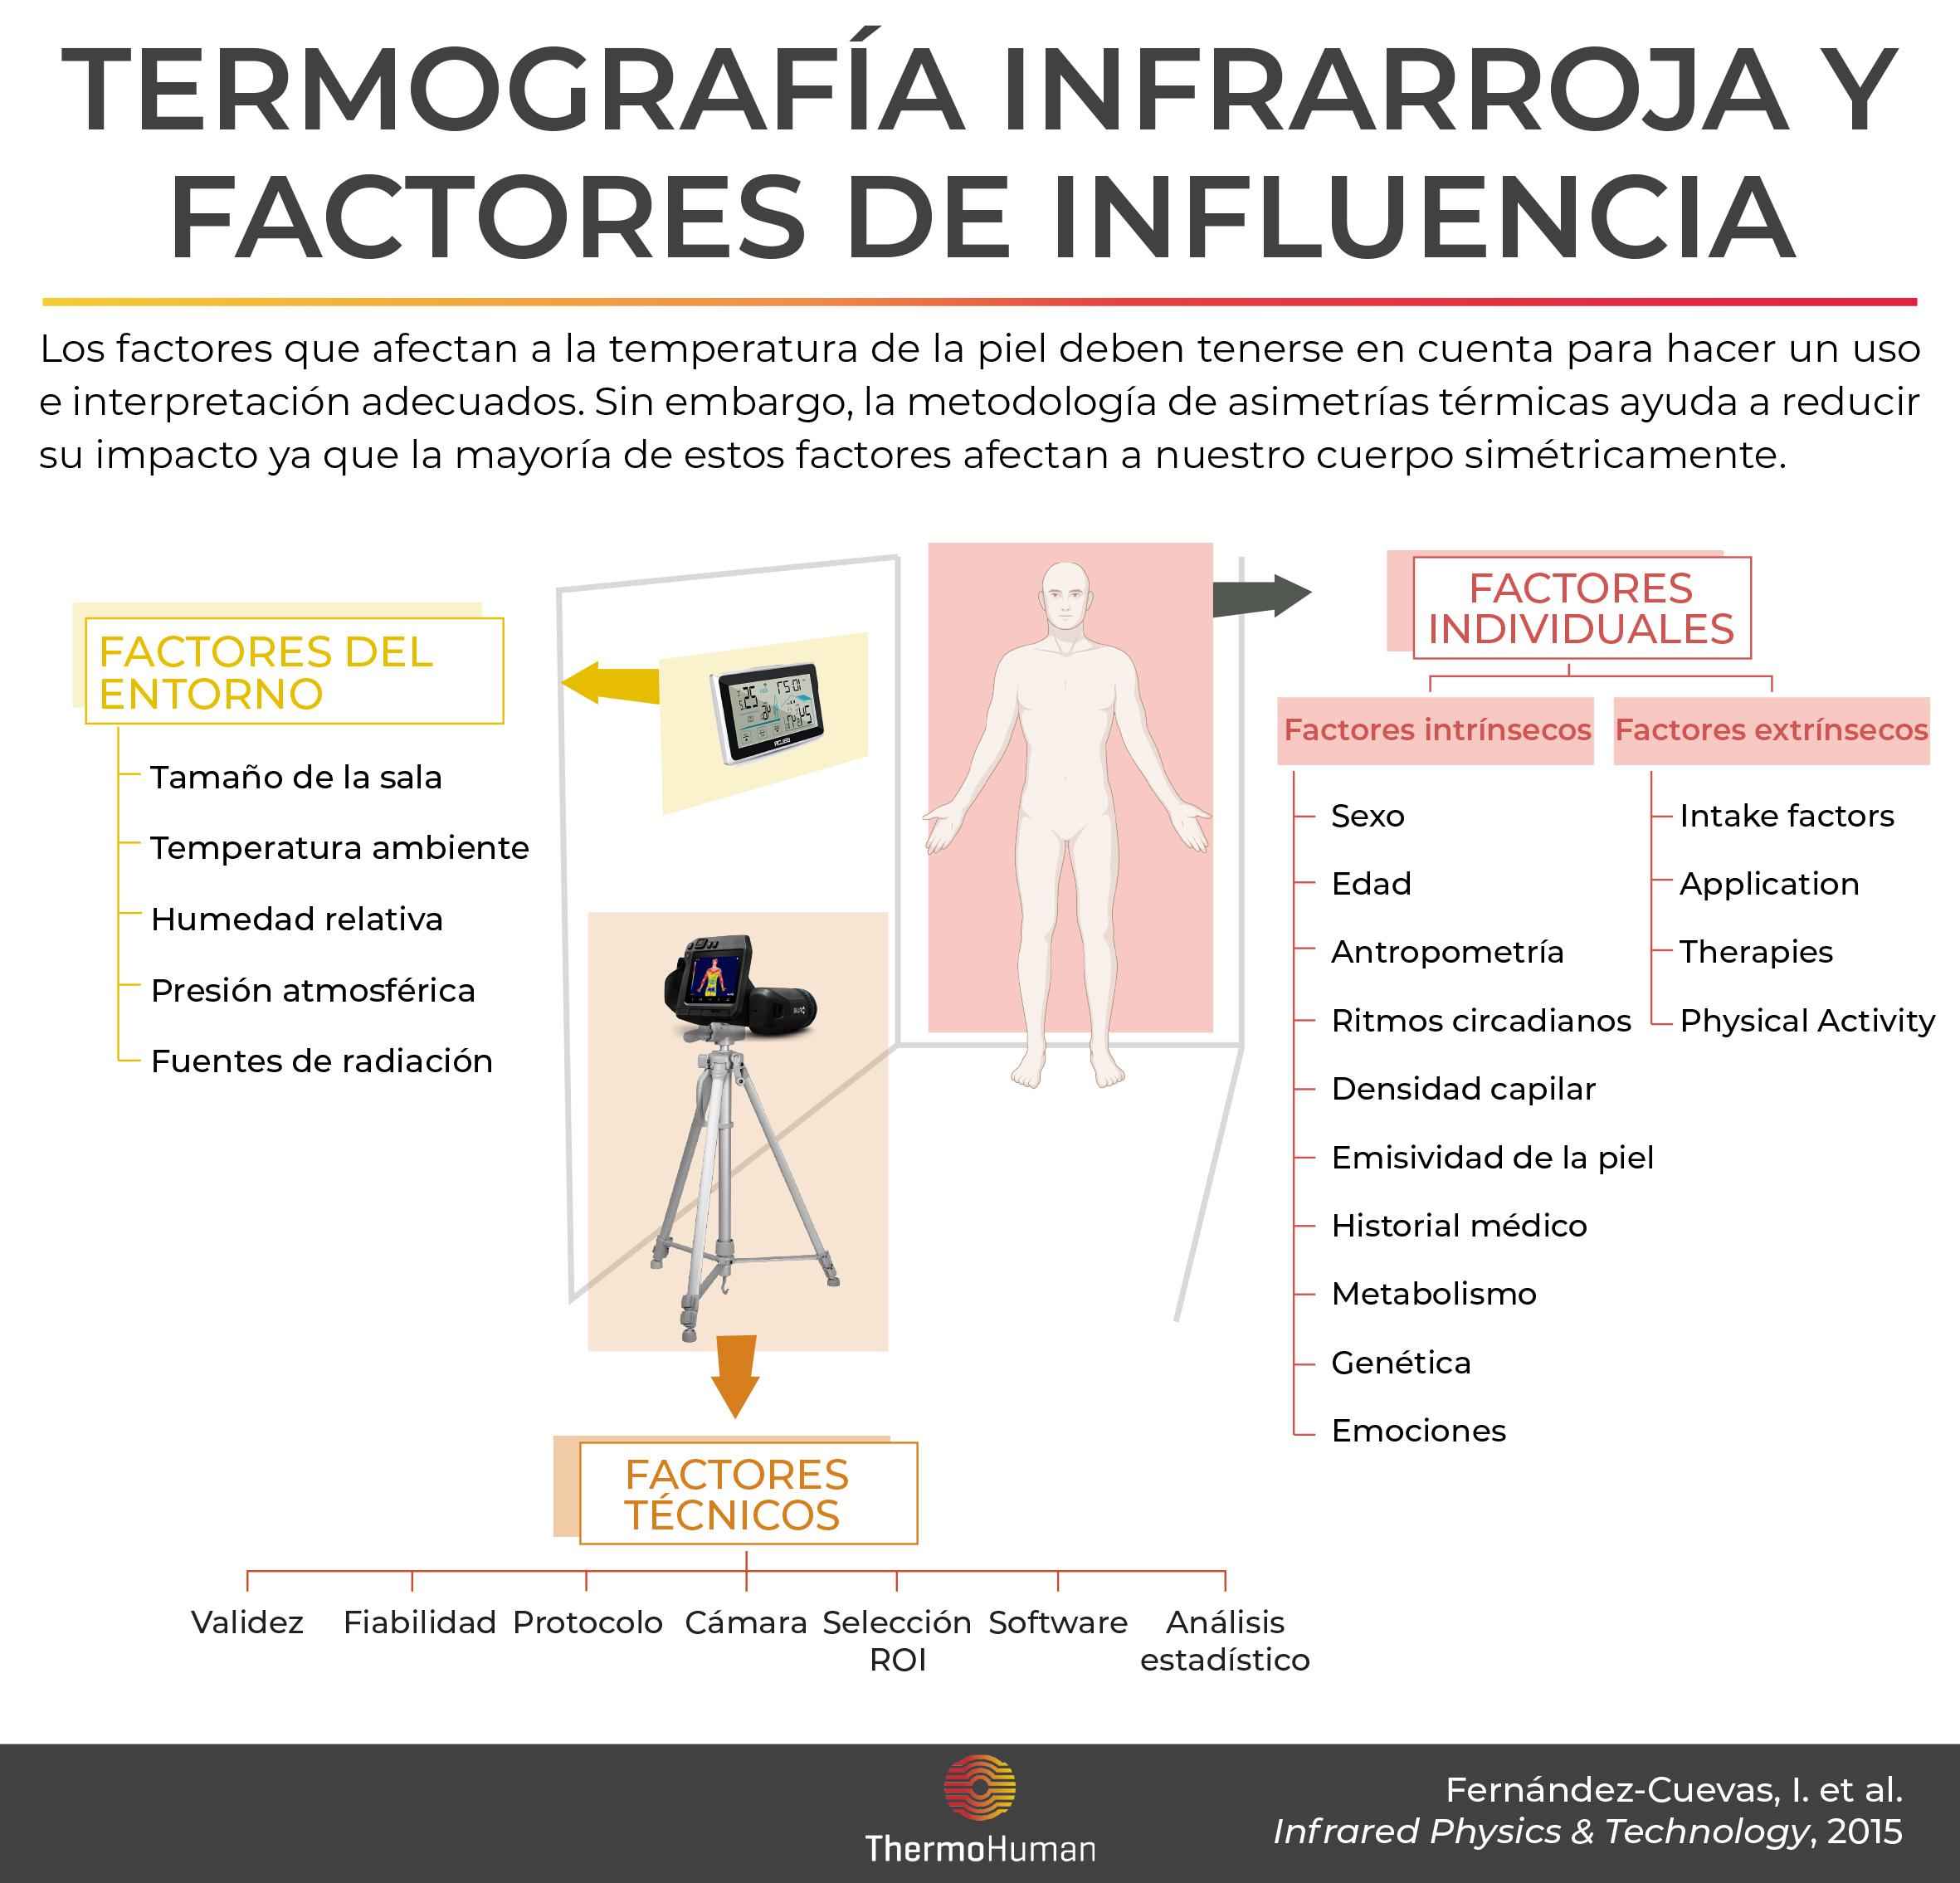 Termografía infrarroja y factores de influencia